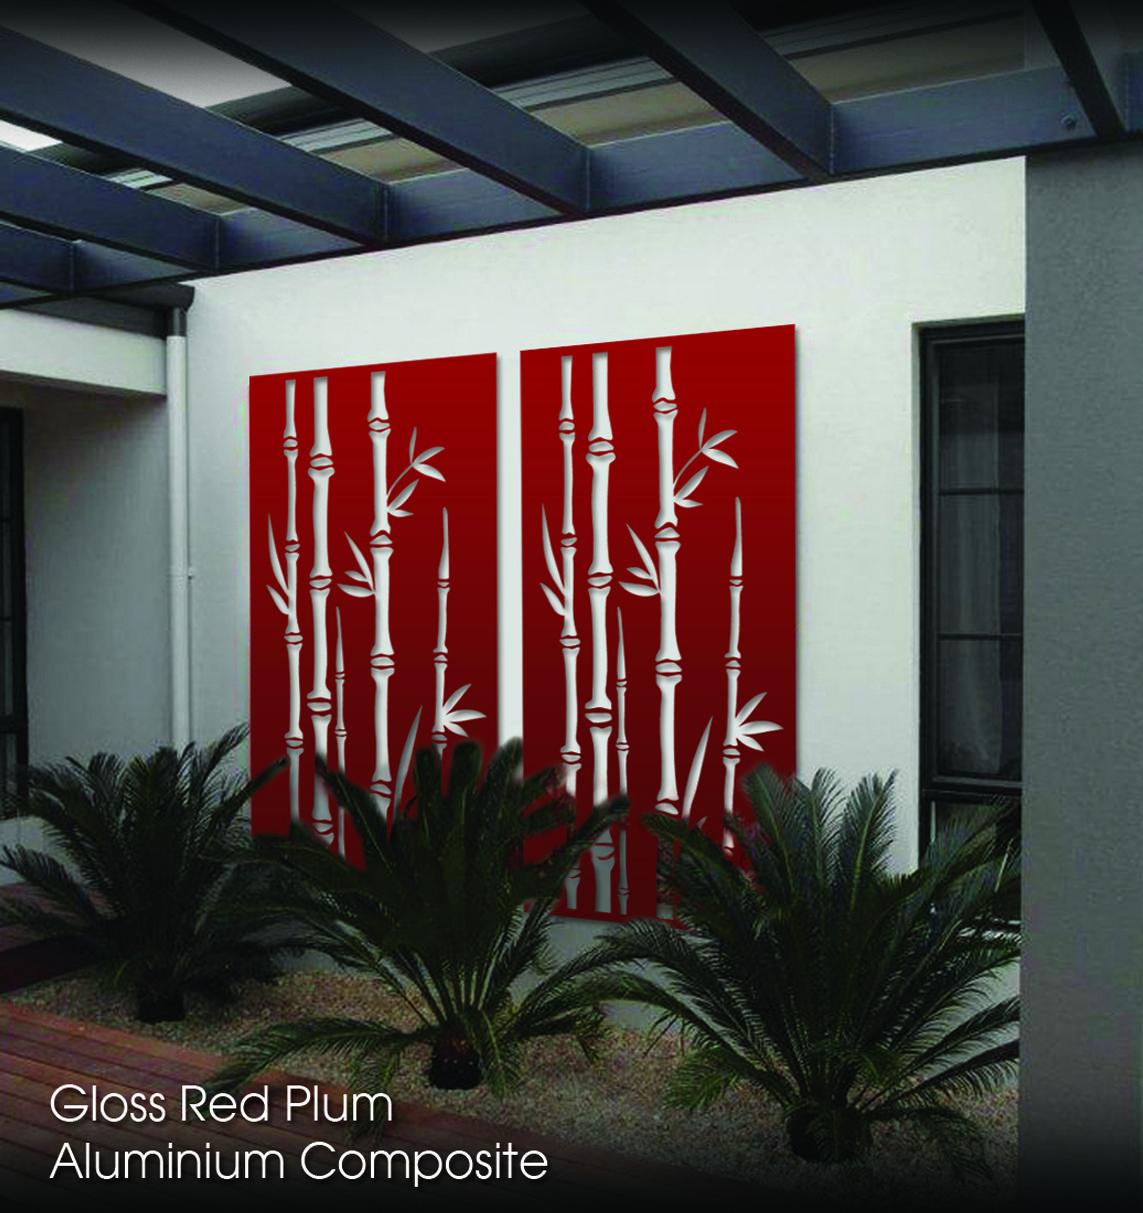 Aluminium Composite decorative screen- Gloss Plum Red